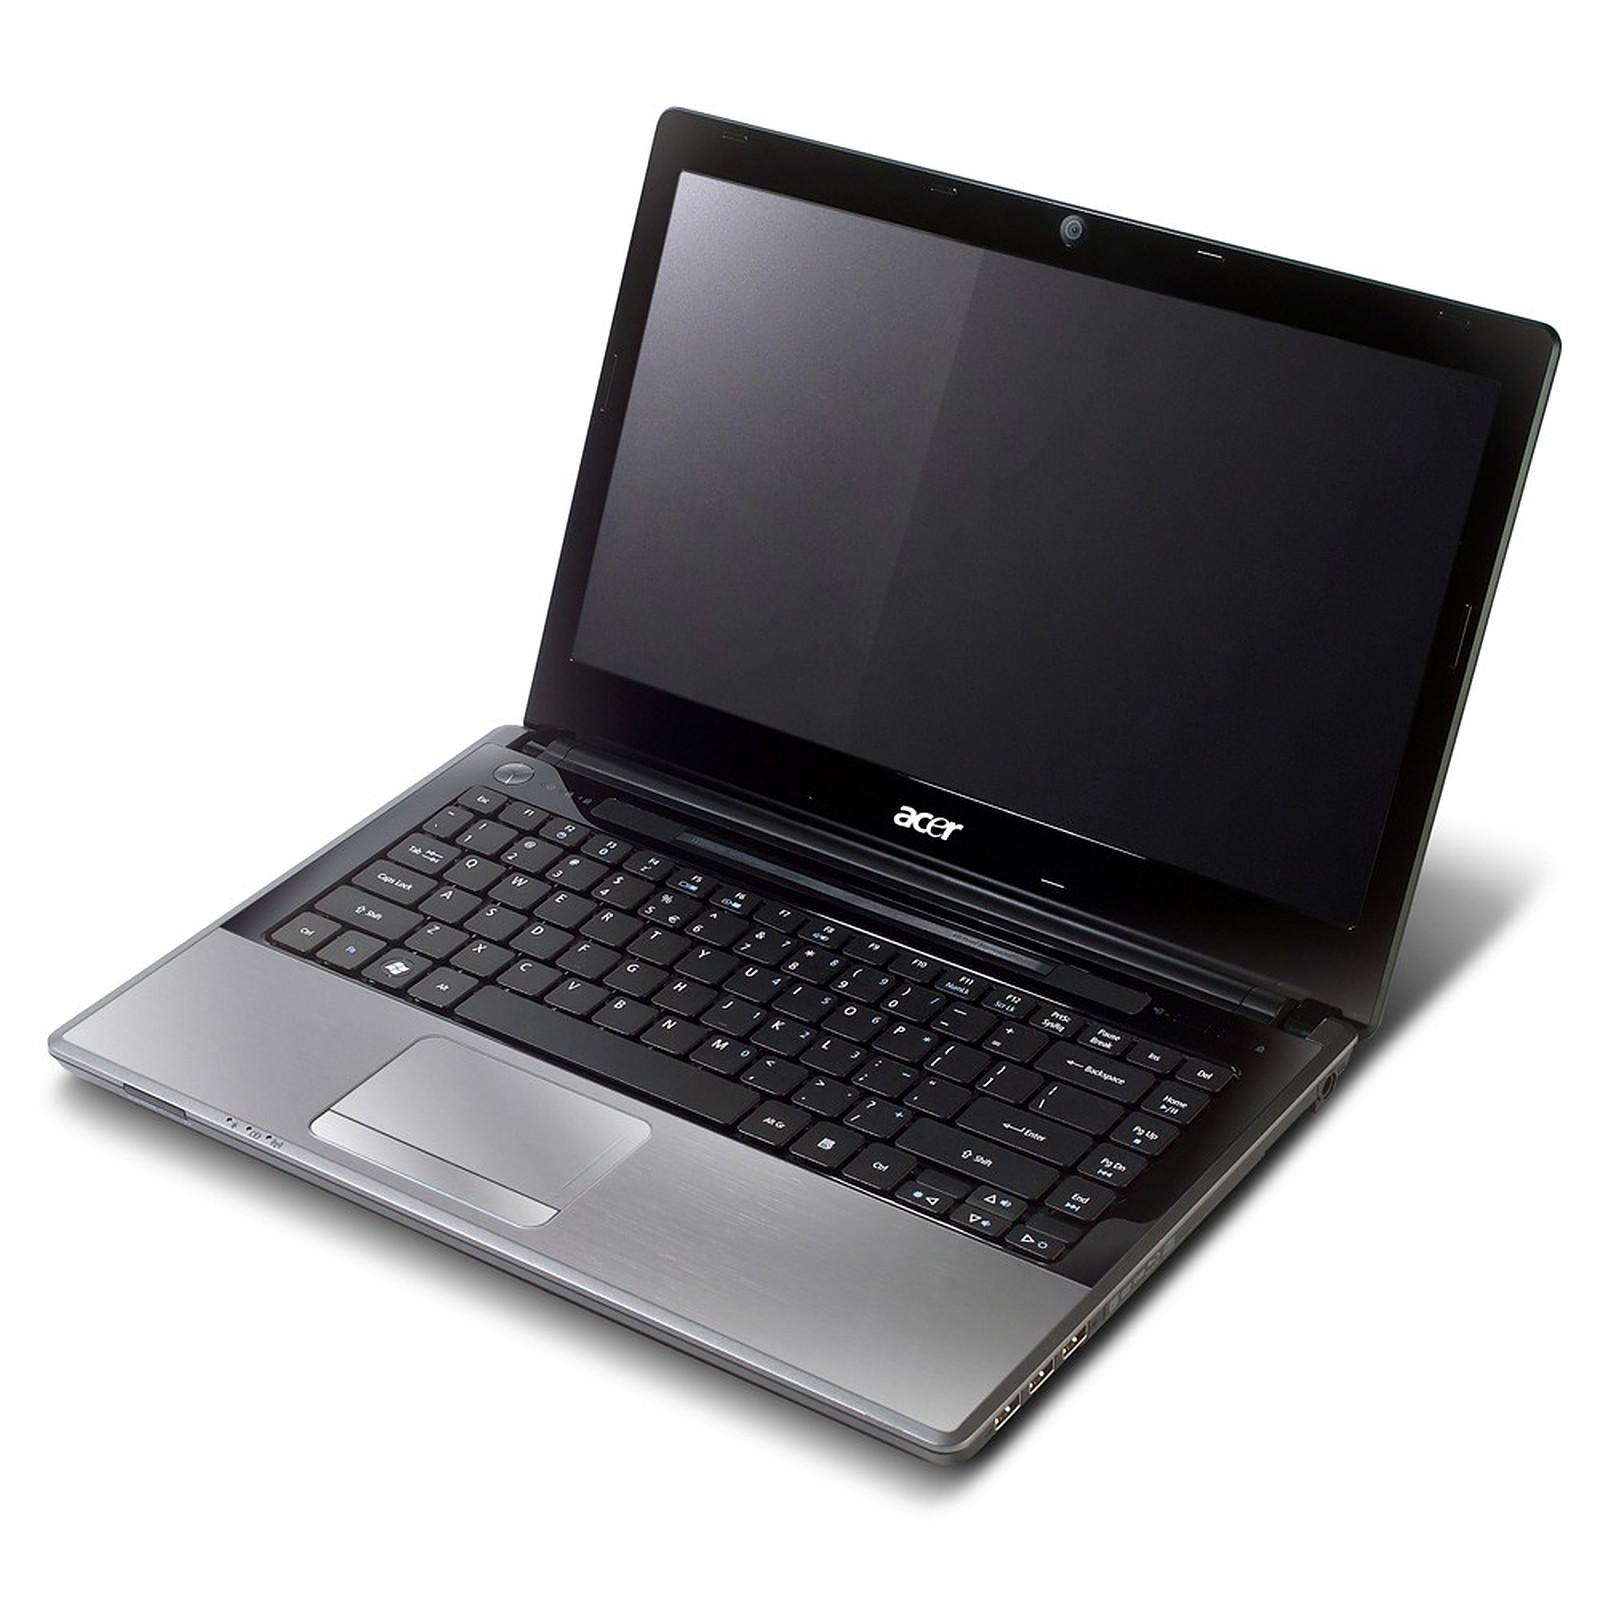 Acer Aspire TimelineX 4820TG-334G32Mn